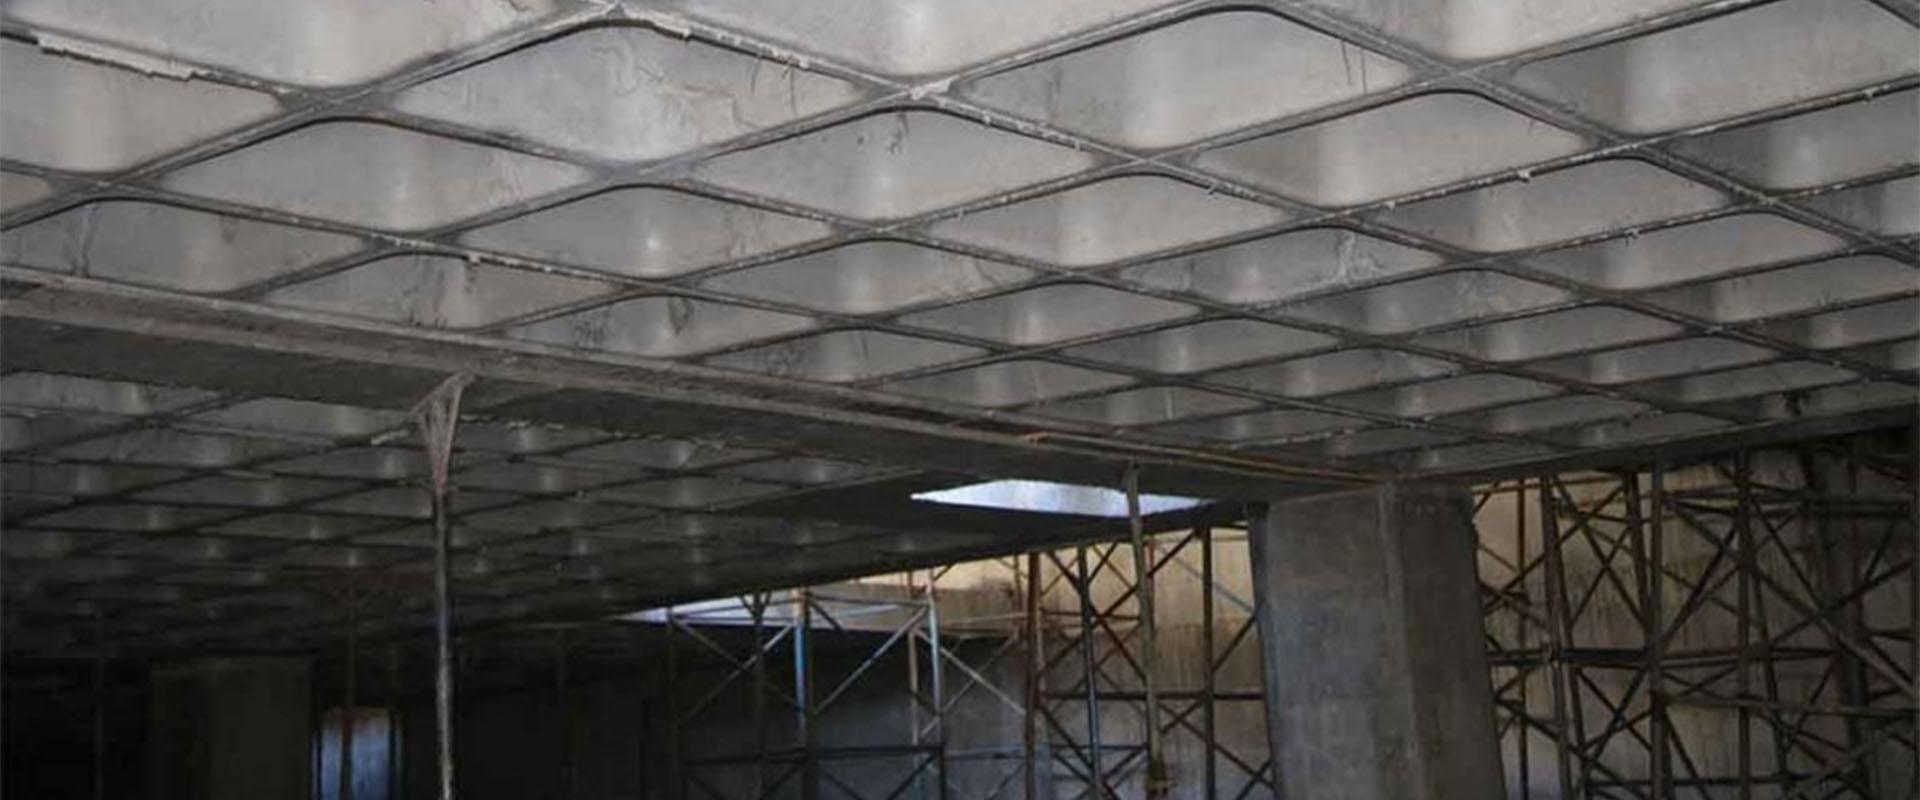 بررسی قیمت اجرای سقف وافل و شیوههای کاهش هزینه